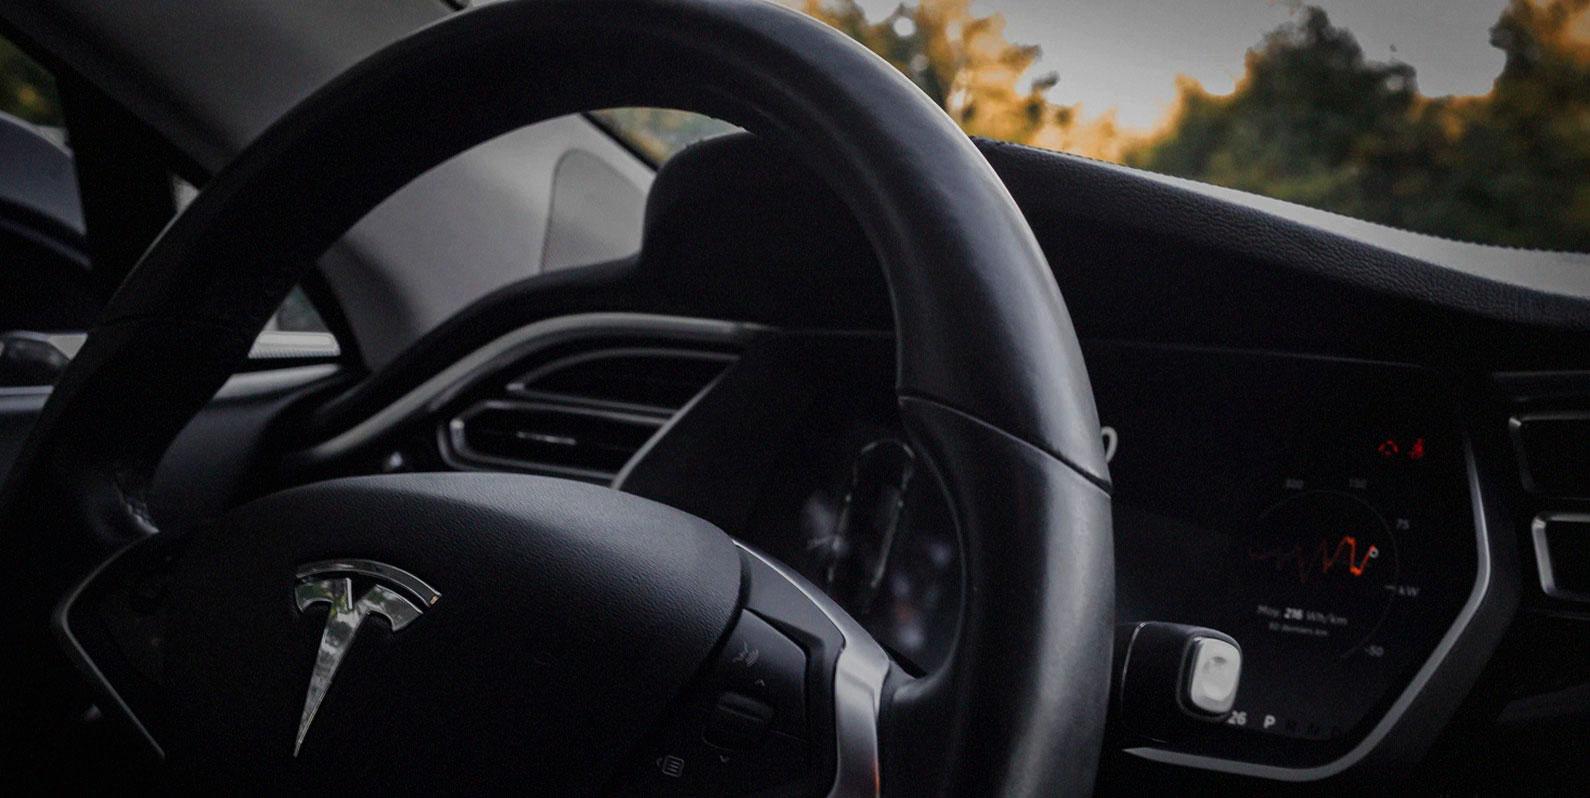 Como os veículos autônomos irão mudar nossos hábitos